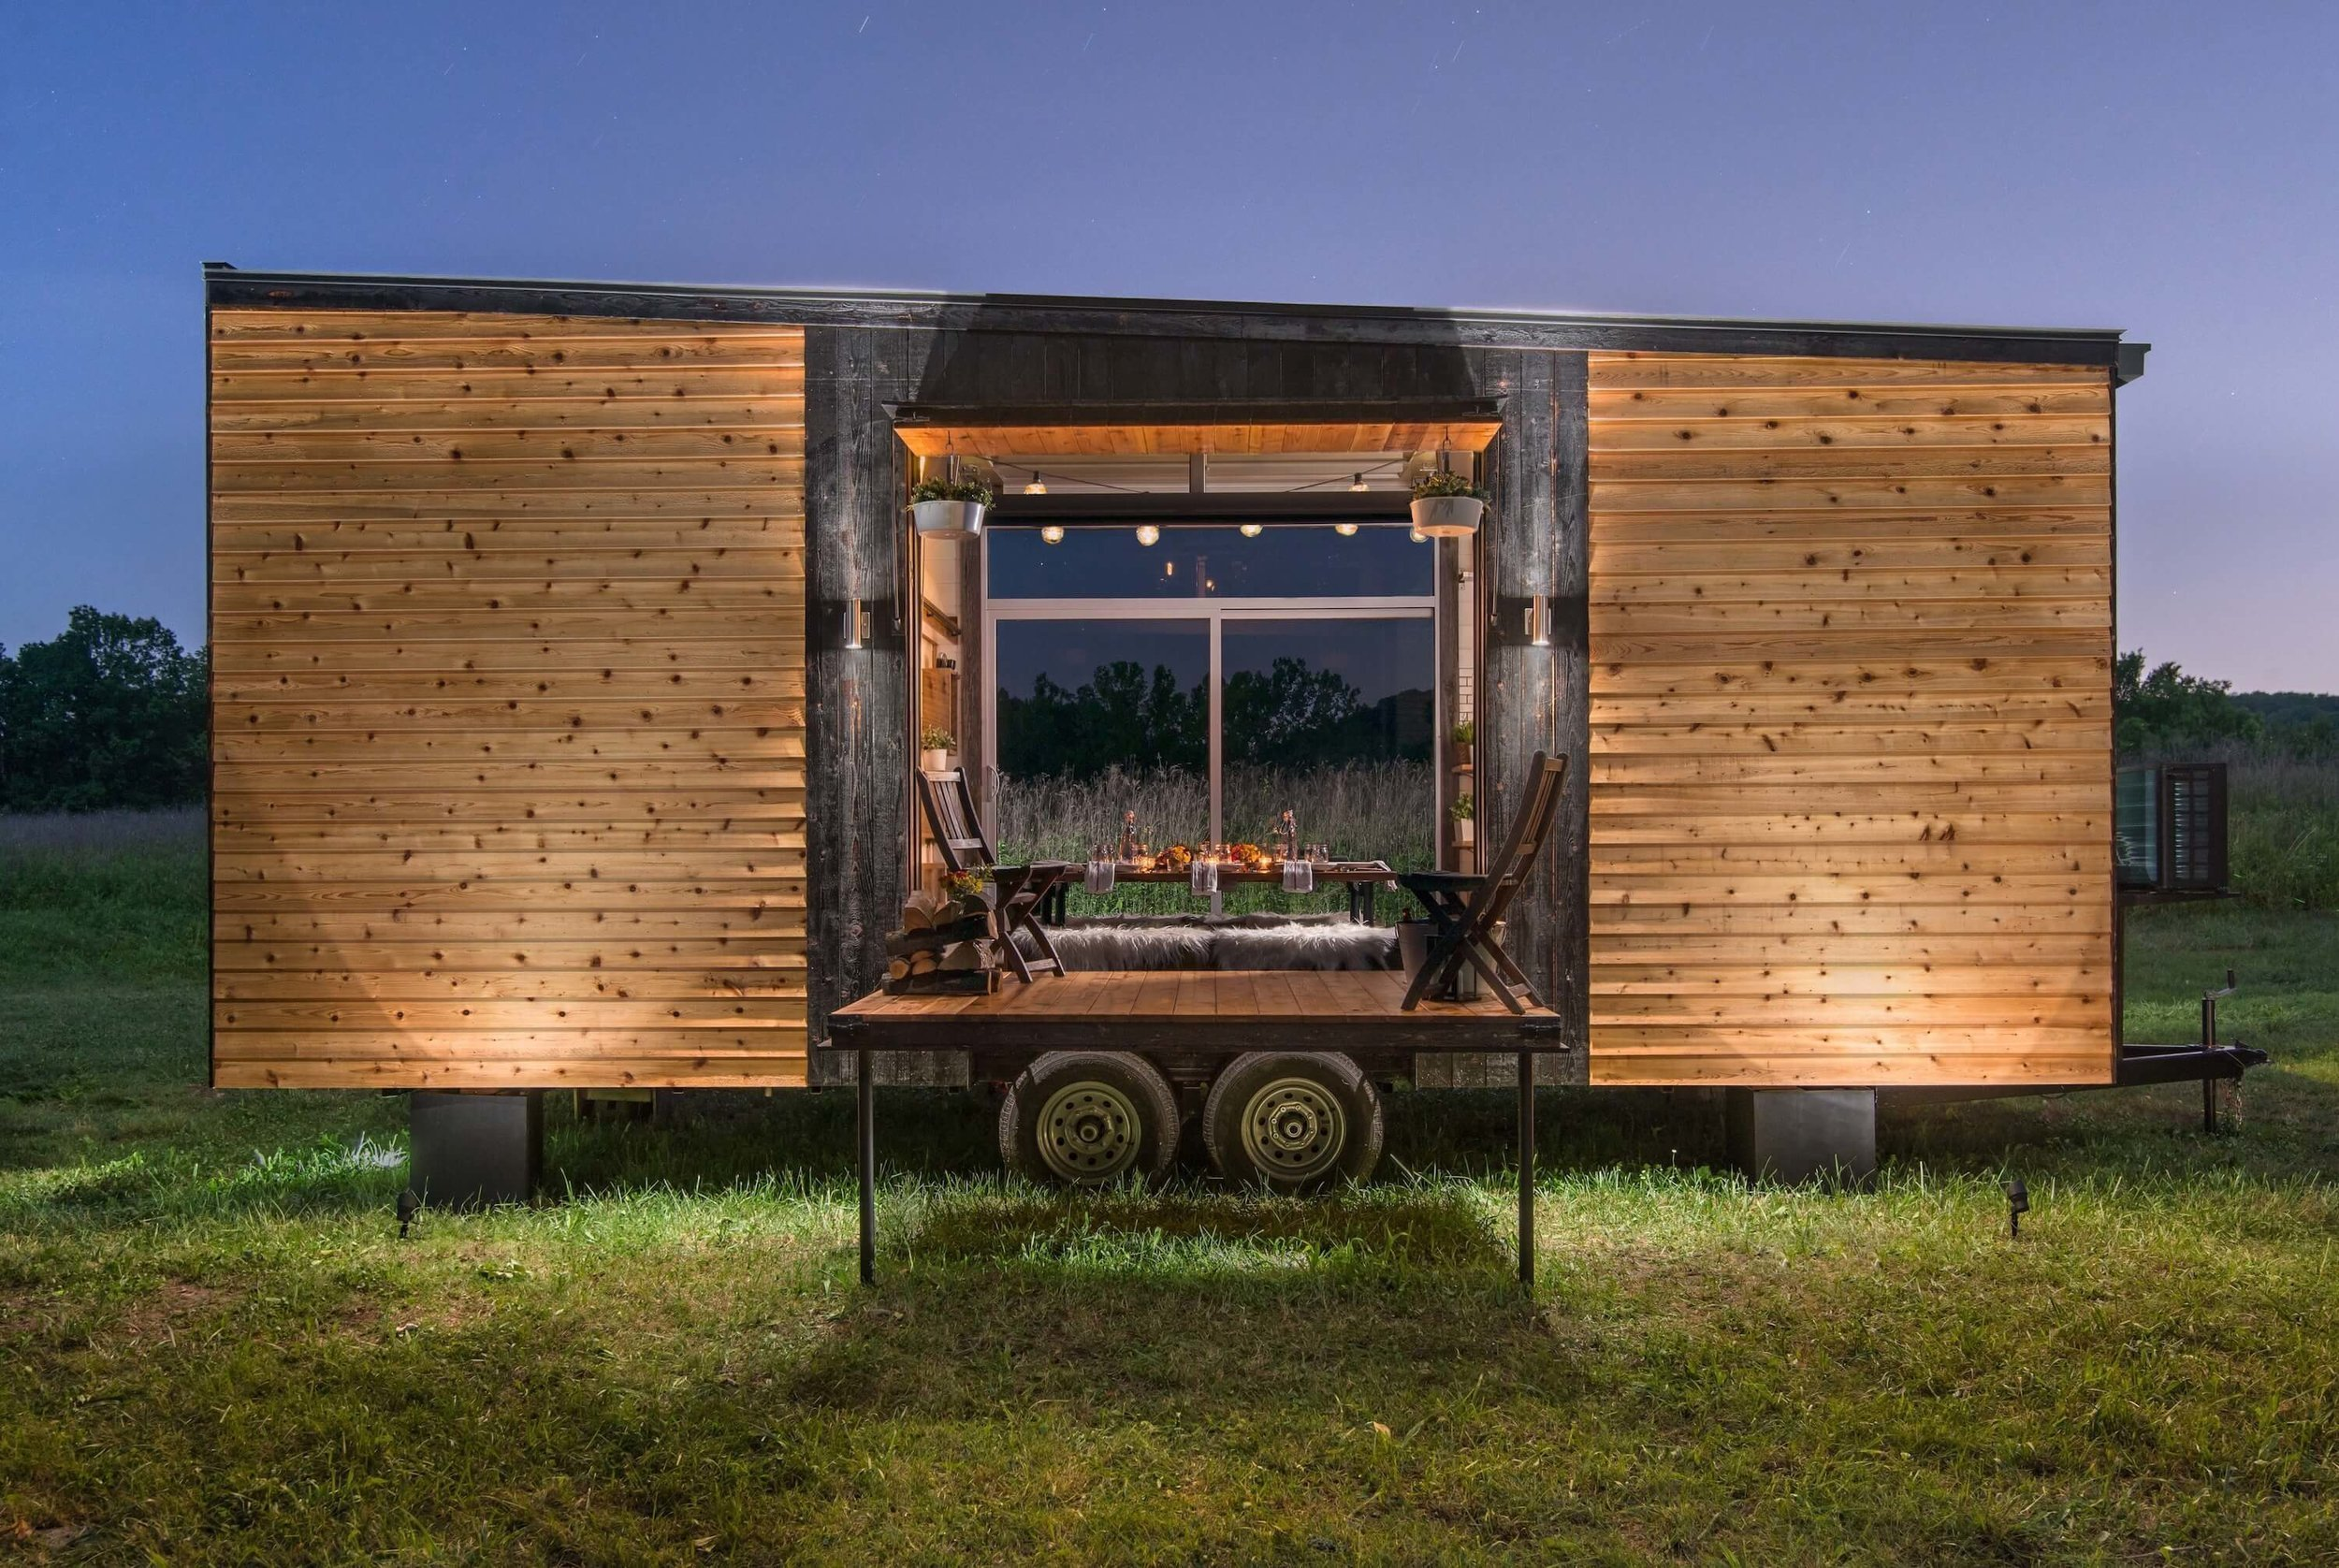 Originální a všestranný mobilní domek Alpha Tiny House svou existencí dokazuje, že malý dům zákonitě neznamená nedostatek komfortu a funkčnosti plnohodnotného domu, ba právě naopak. Miniaturní luxusní obydlí z cedrového dřeva je dílem americké společnosti New Frontier Tiny Homes a přijde v přepočtu na 2,3 milionu korun. Konkrétně tento domek našel své místo v Nashvillu.